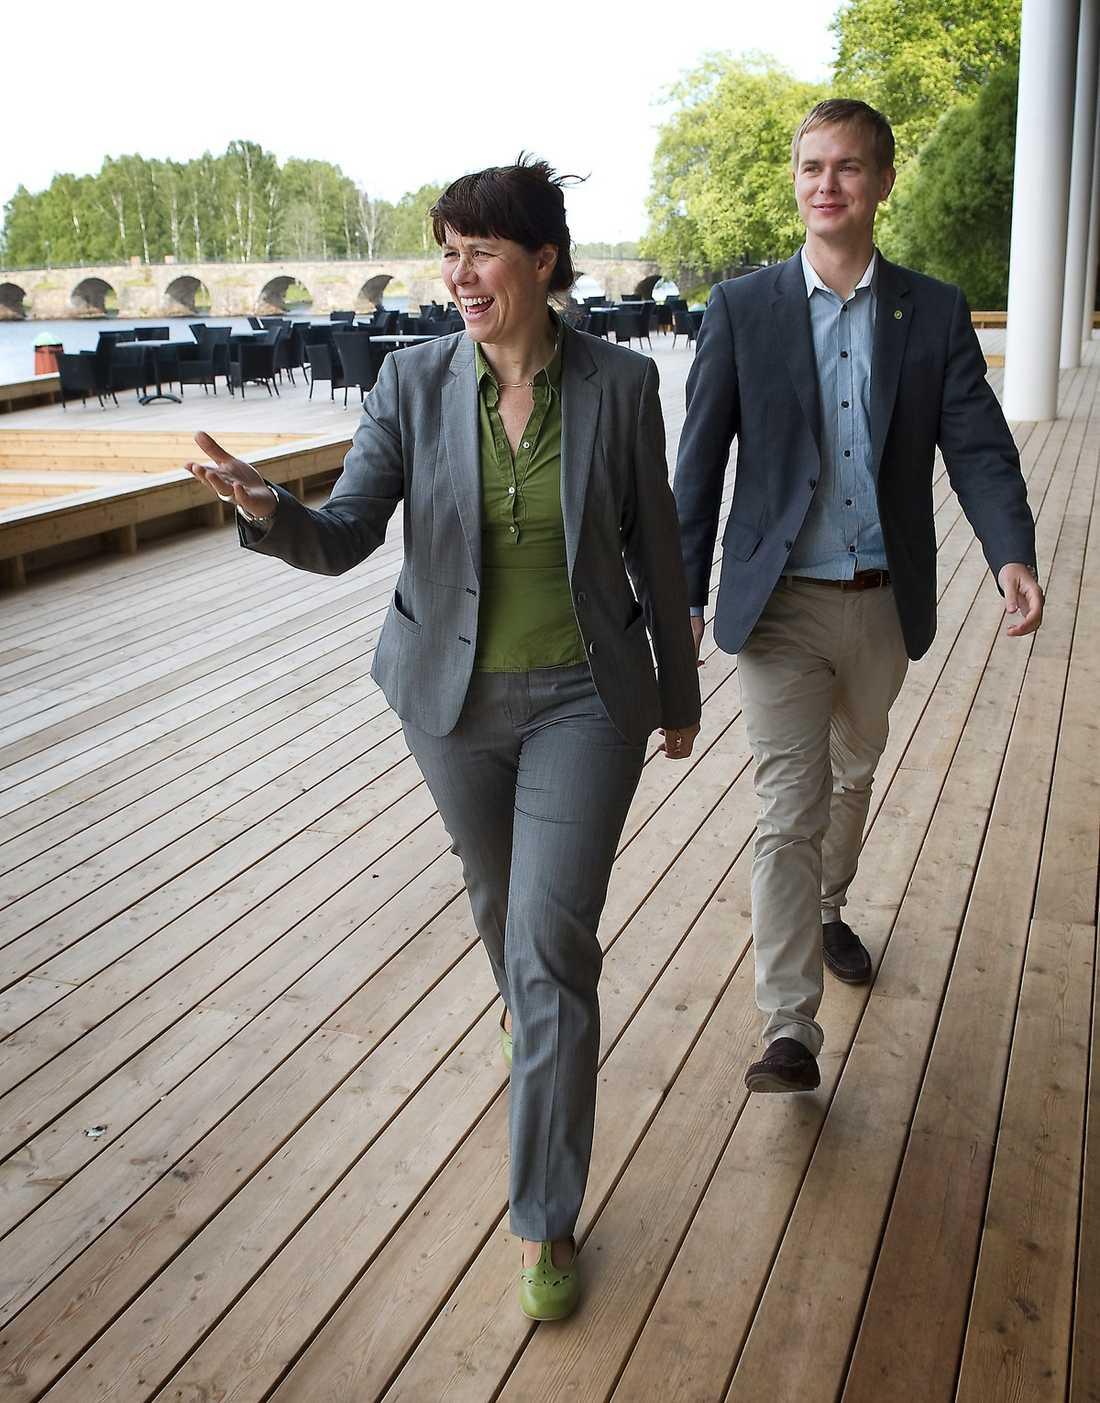 HANN INTE ENS FÅ KAFFE  Miljöpartiets språkrör Åsa Romson och Gustav Fridolin förklarade för Fredrik Reinfeldt att de inte tänkte ändra sitt nej till jobbskatteavdraget. Innan de ens fått kaffe avslutade då Reinfeldt mötet.